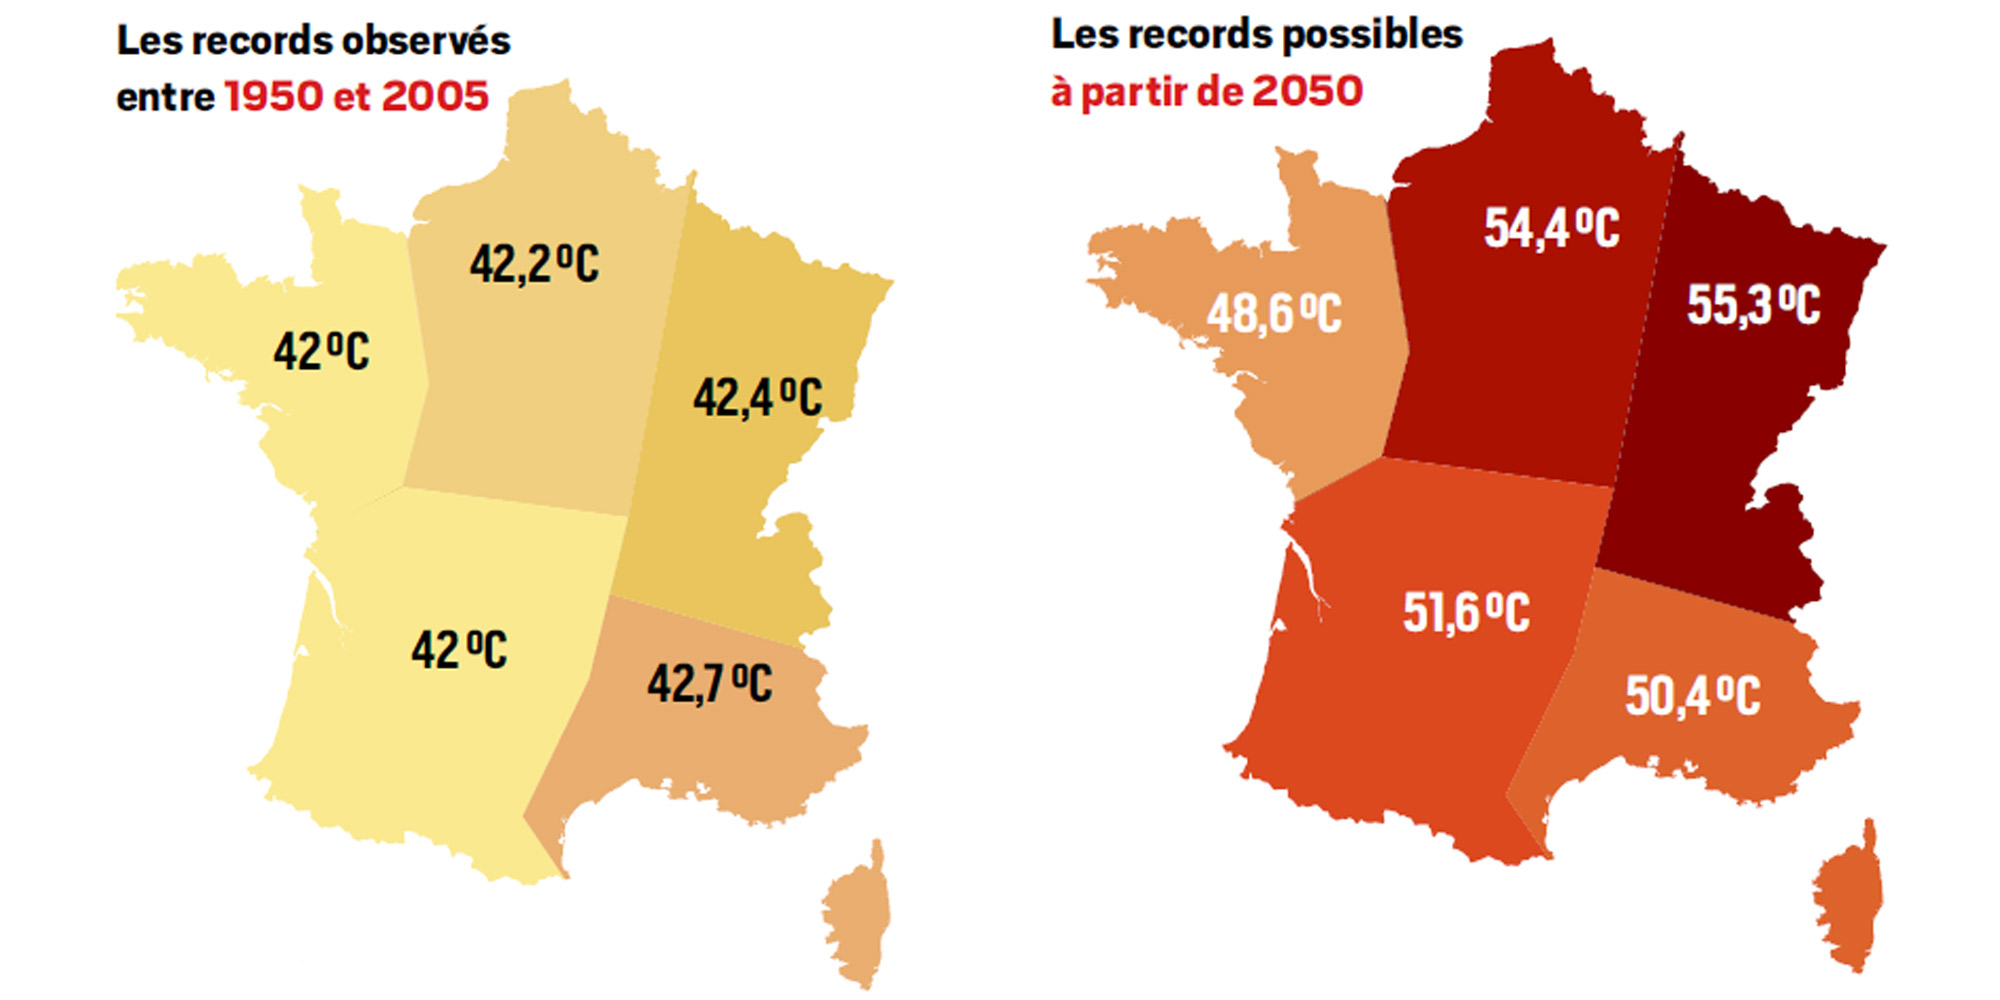 Carte Climat Europe 2050.En 2050 Des Pics A 55 Degres Dans L Est Et Le Nord